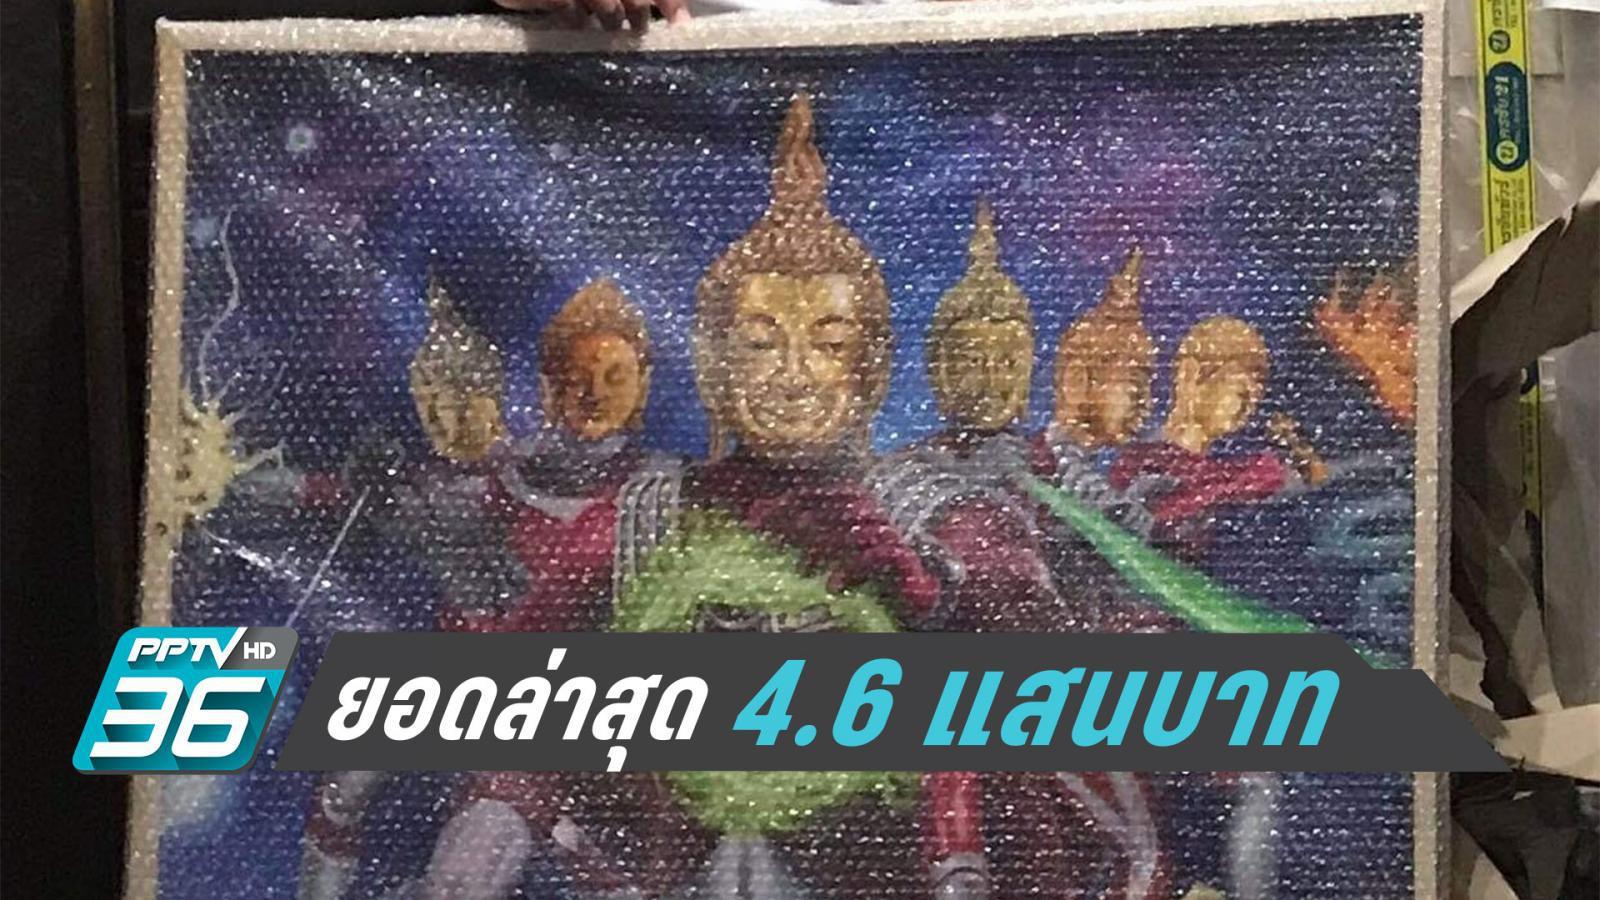 """ยอดล่าสุด 4.6 แสน ประมูล """"พระพุทธรูปอุลตร้าแมน"""" นำเงินซื้อเตียงให้ รพ.โคราช"""